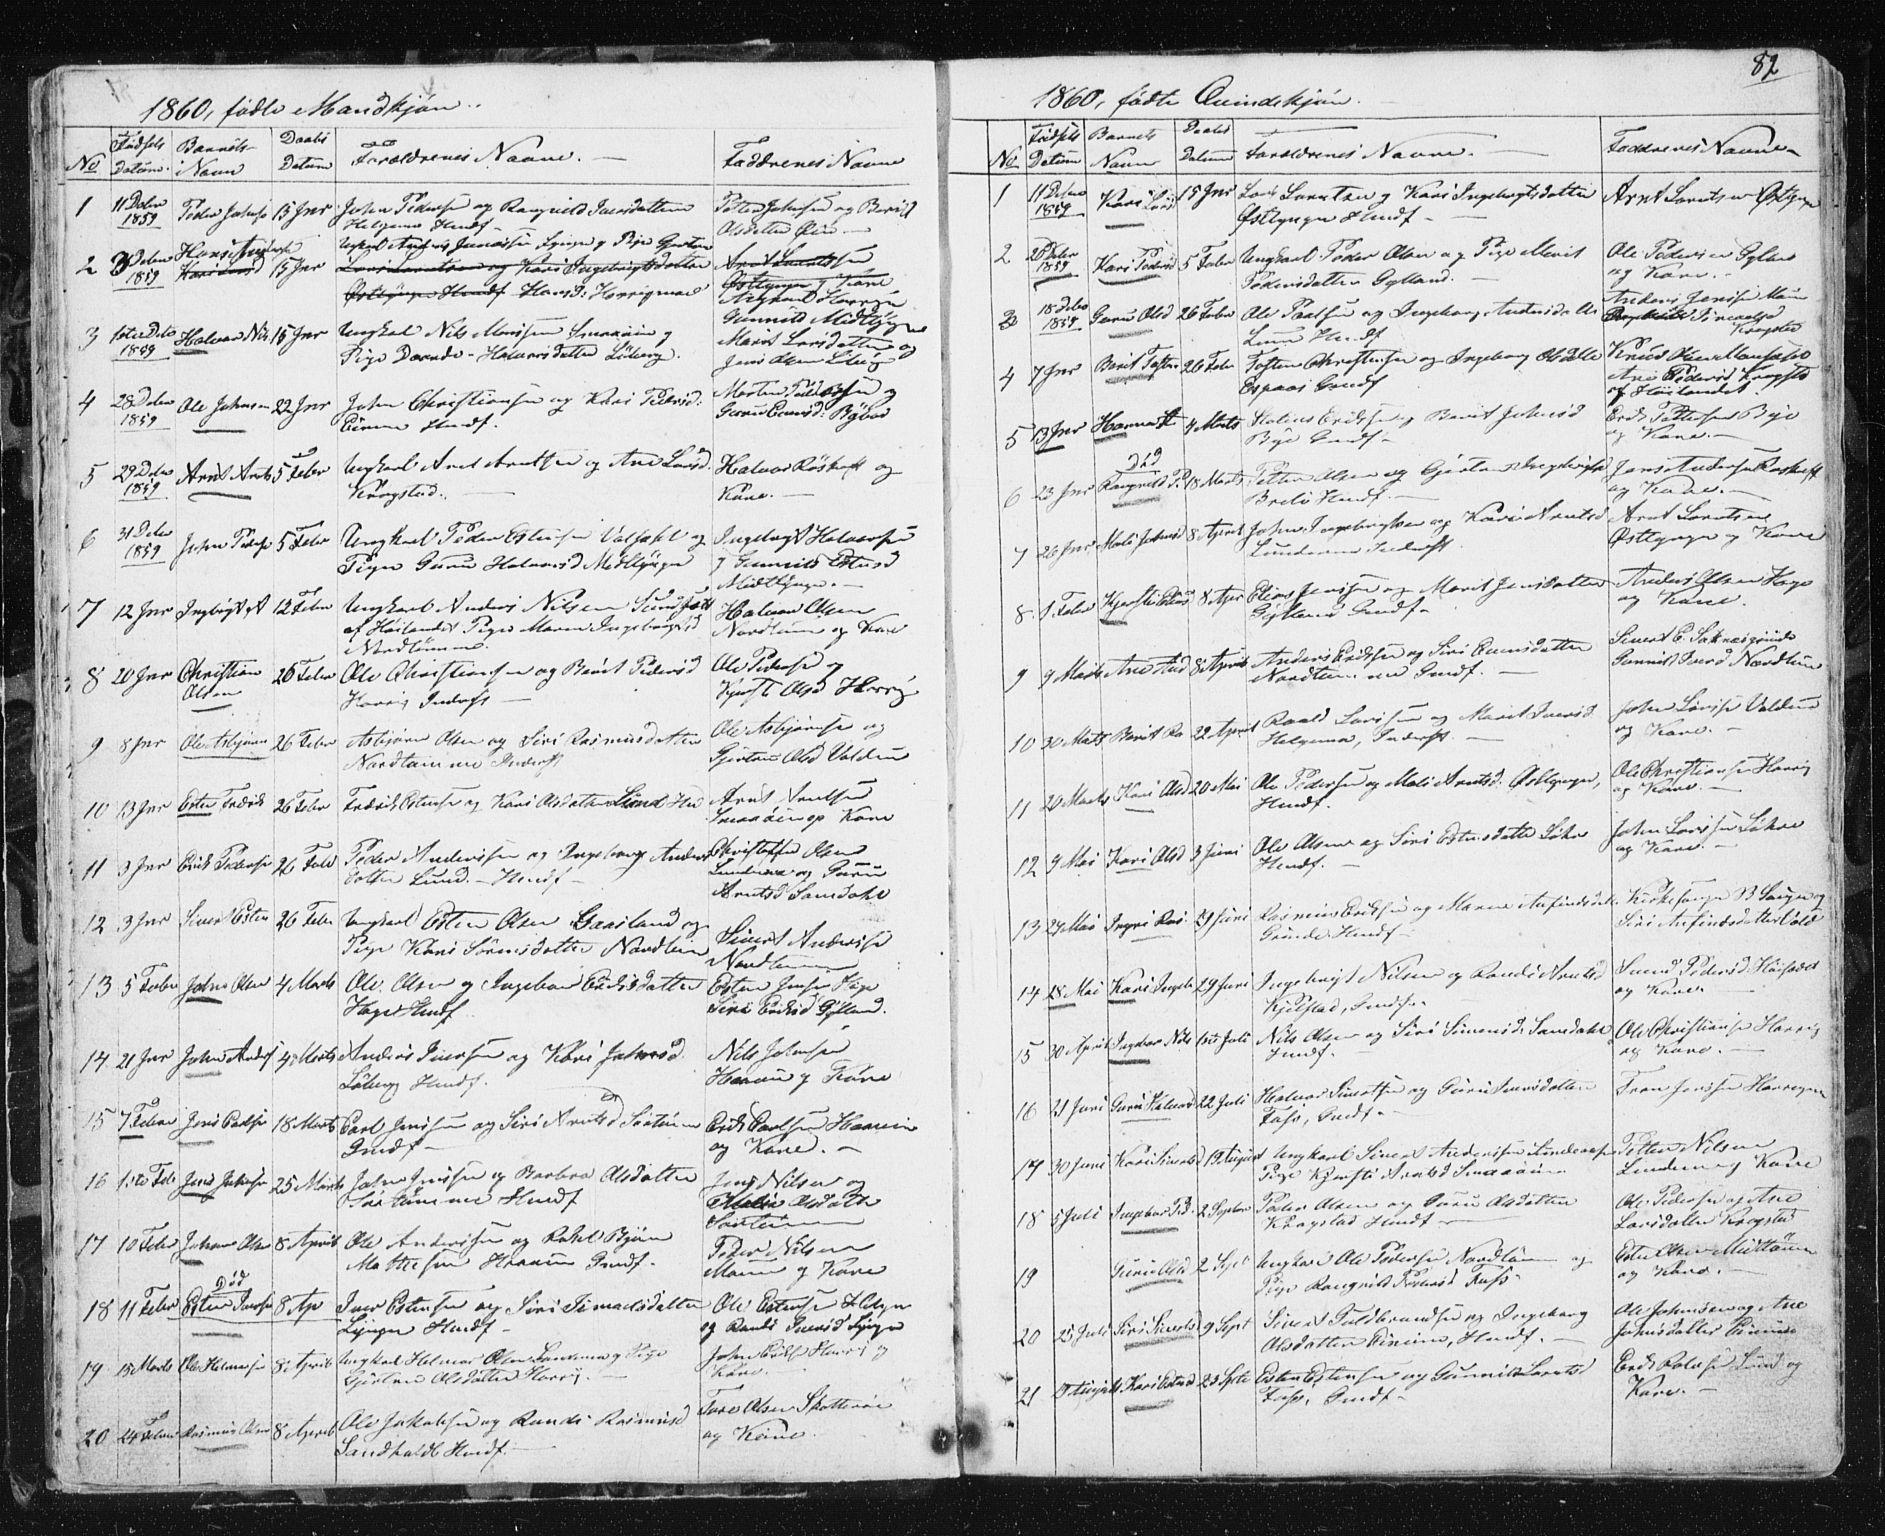 SAT, Ministerialprotokoller, klokkerbøker og fødselsregistre - Sør-Trøndelag, 692/L1110: Klokkerbok nr. 692C05, 1849-1889, s. 82